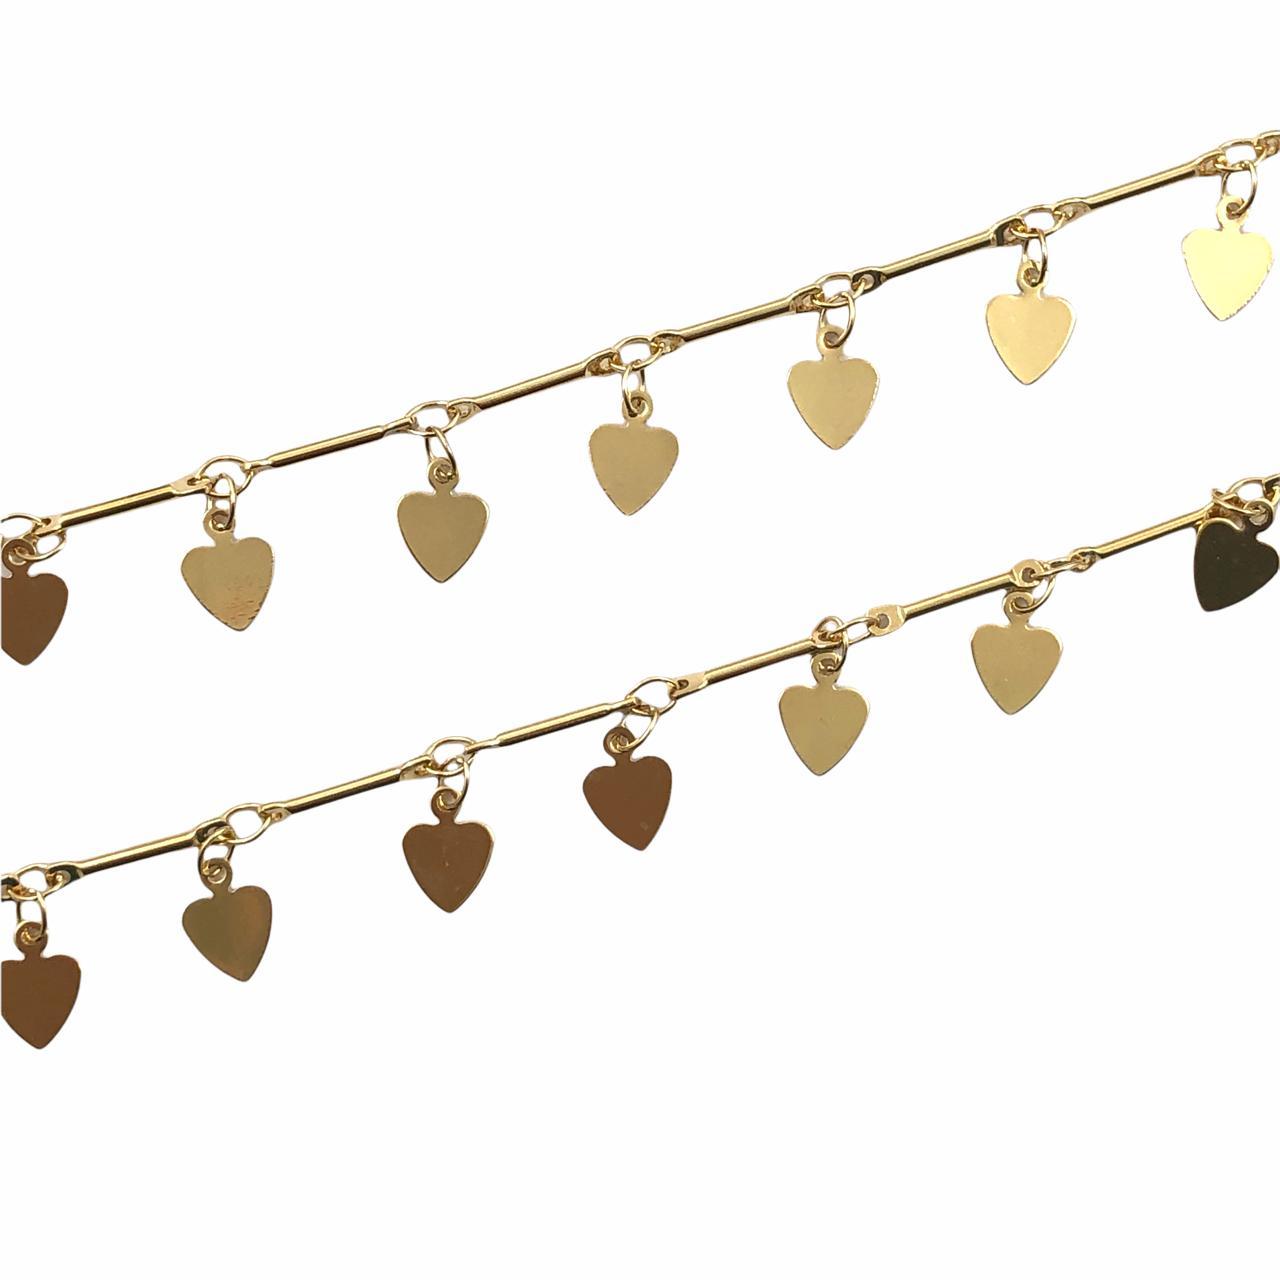 CR419 - Corrente Pingente Coração Banhado Cor Dourado - 1metro